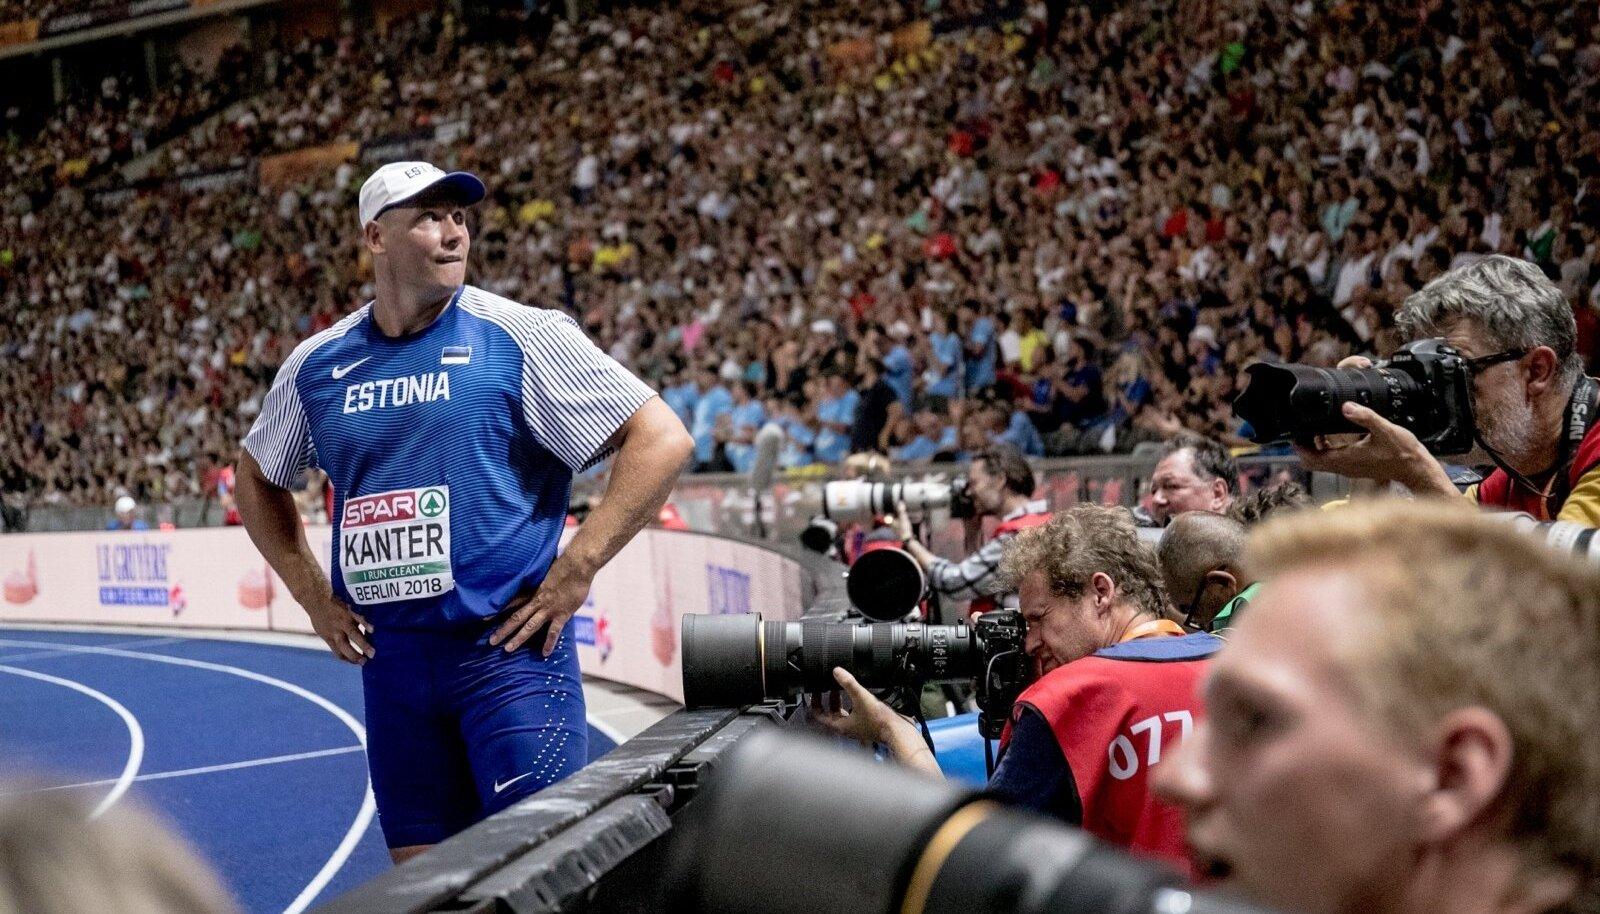 Gerd Kanter nautis täiel rinnal Berliini olümpiastaadioni katlas karjääri viimast tiitlivõistlust.